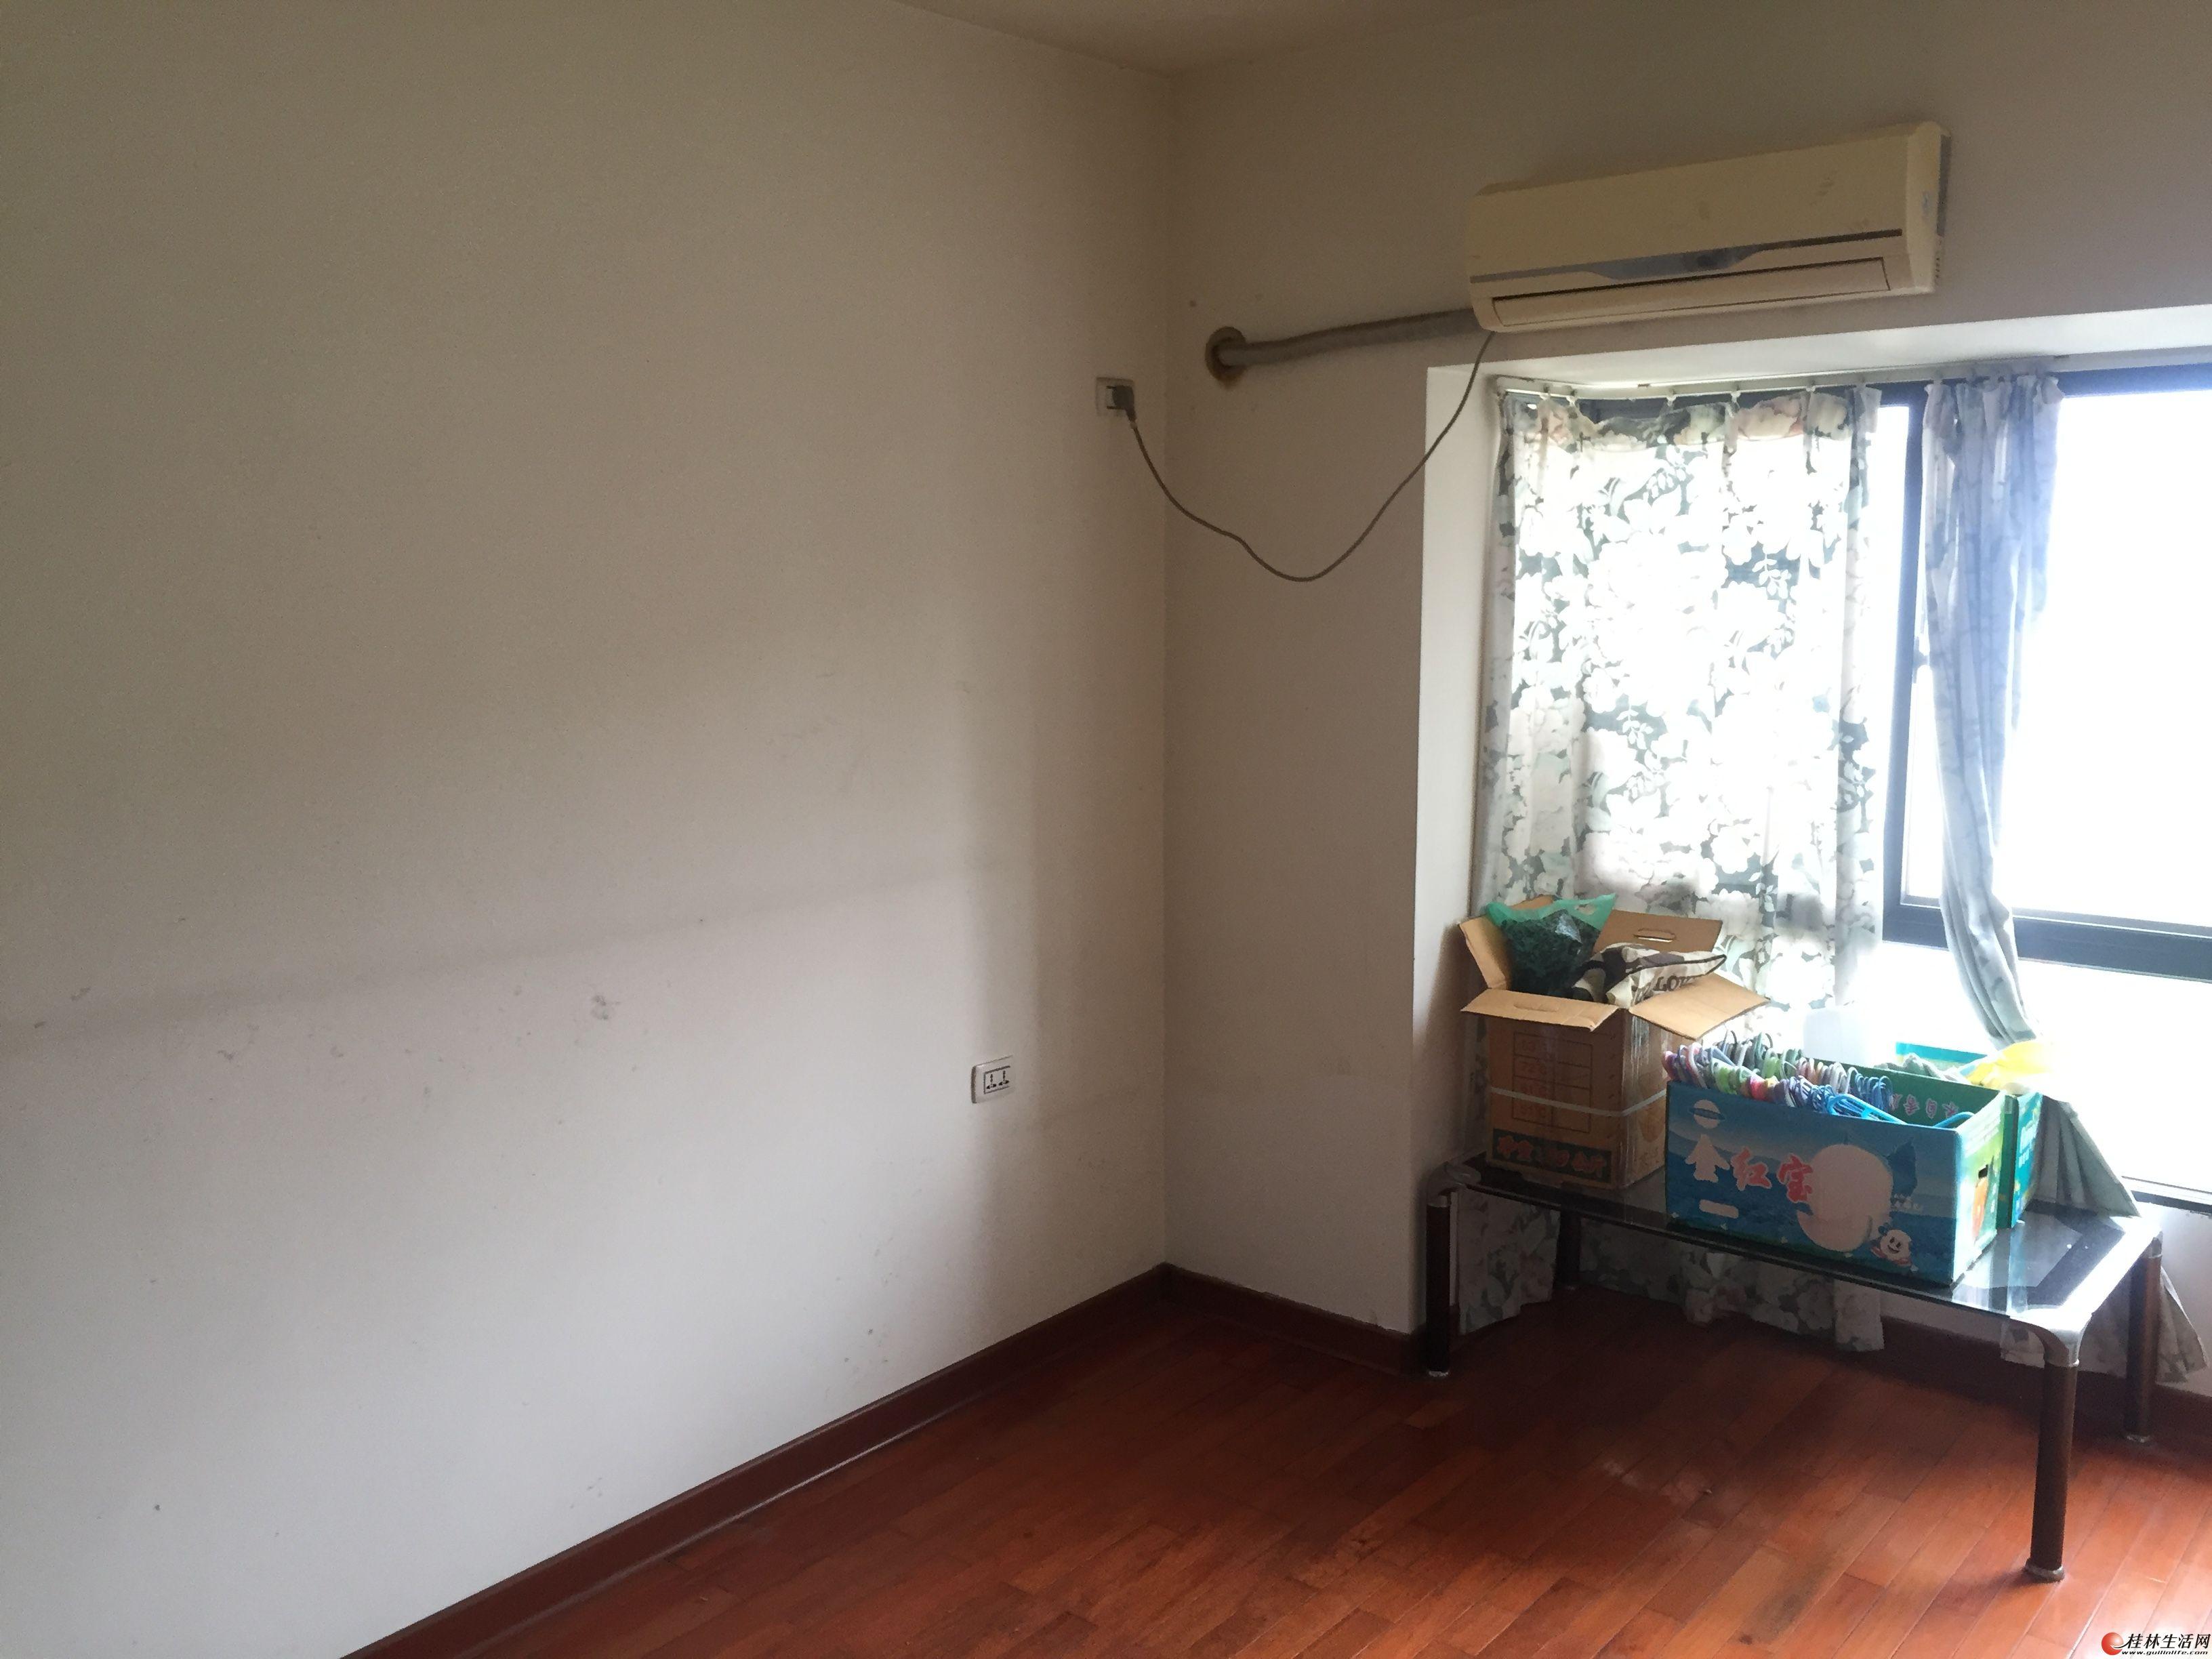 出租:桂林市花鸟市场斜对面,澳洲假日,四房二厅(复式楼)